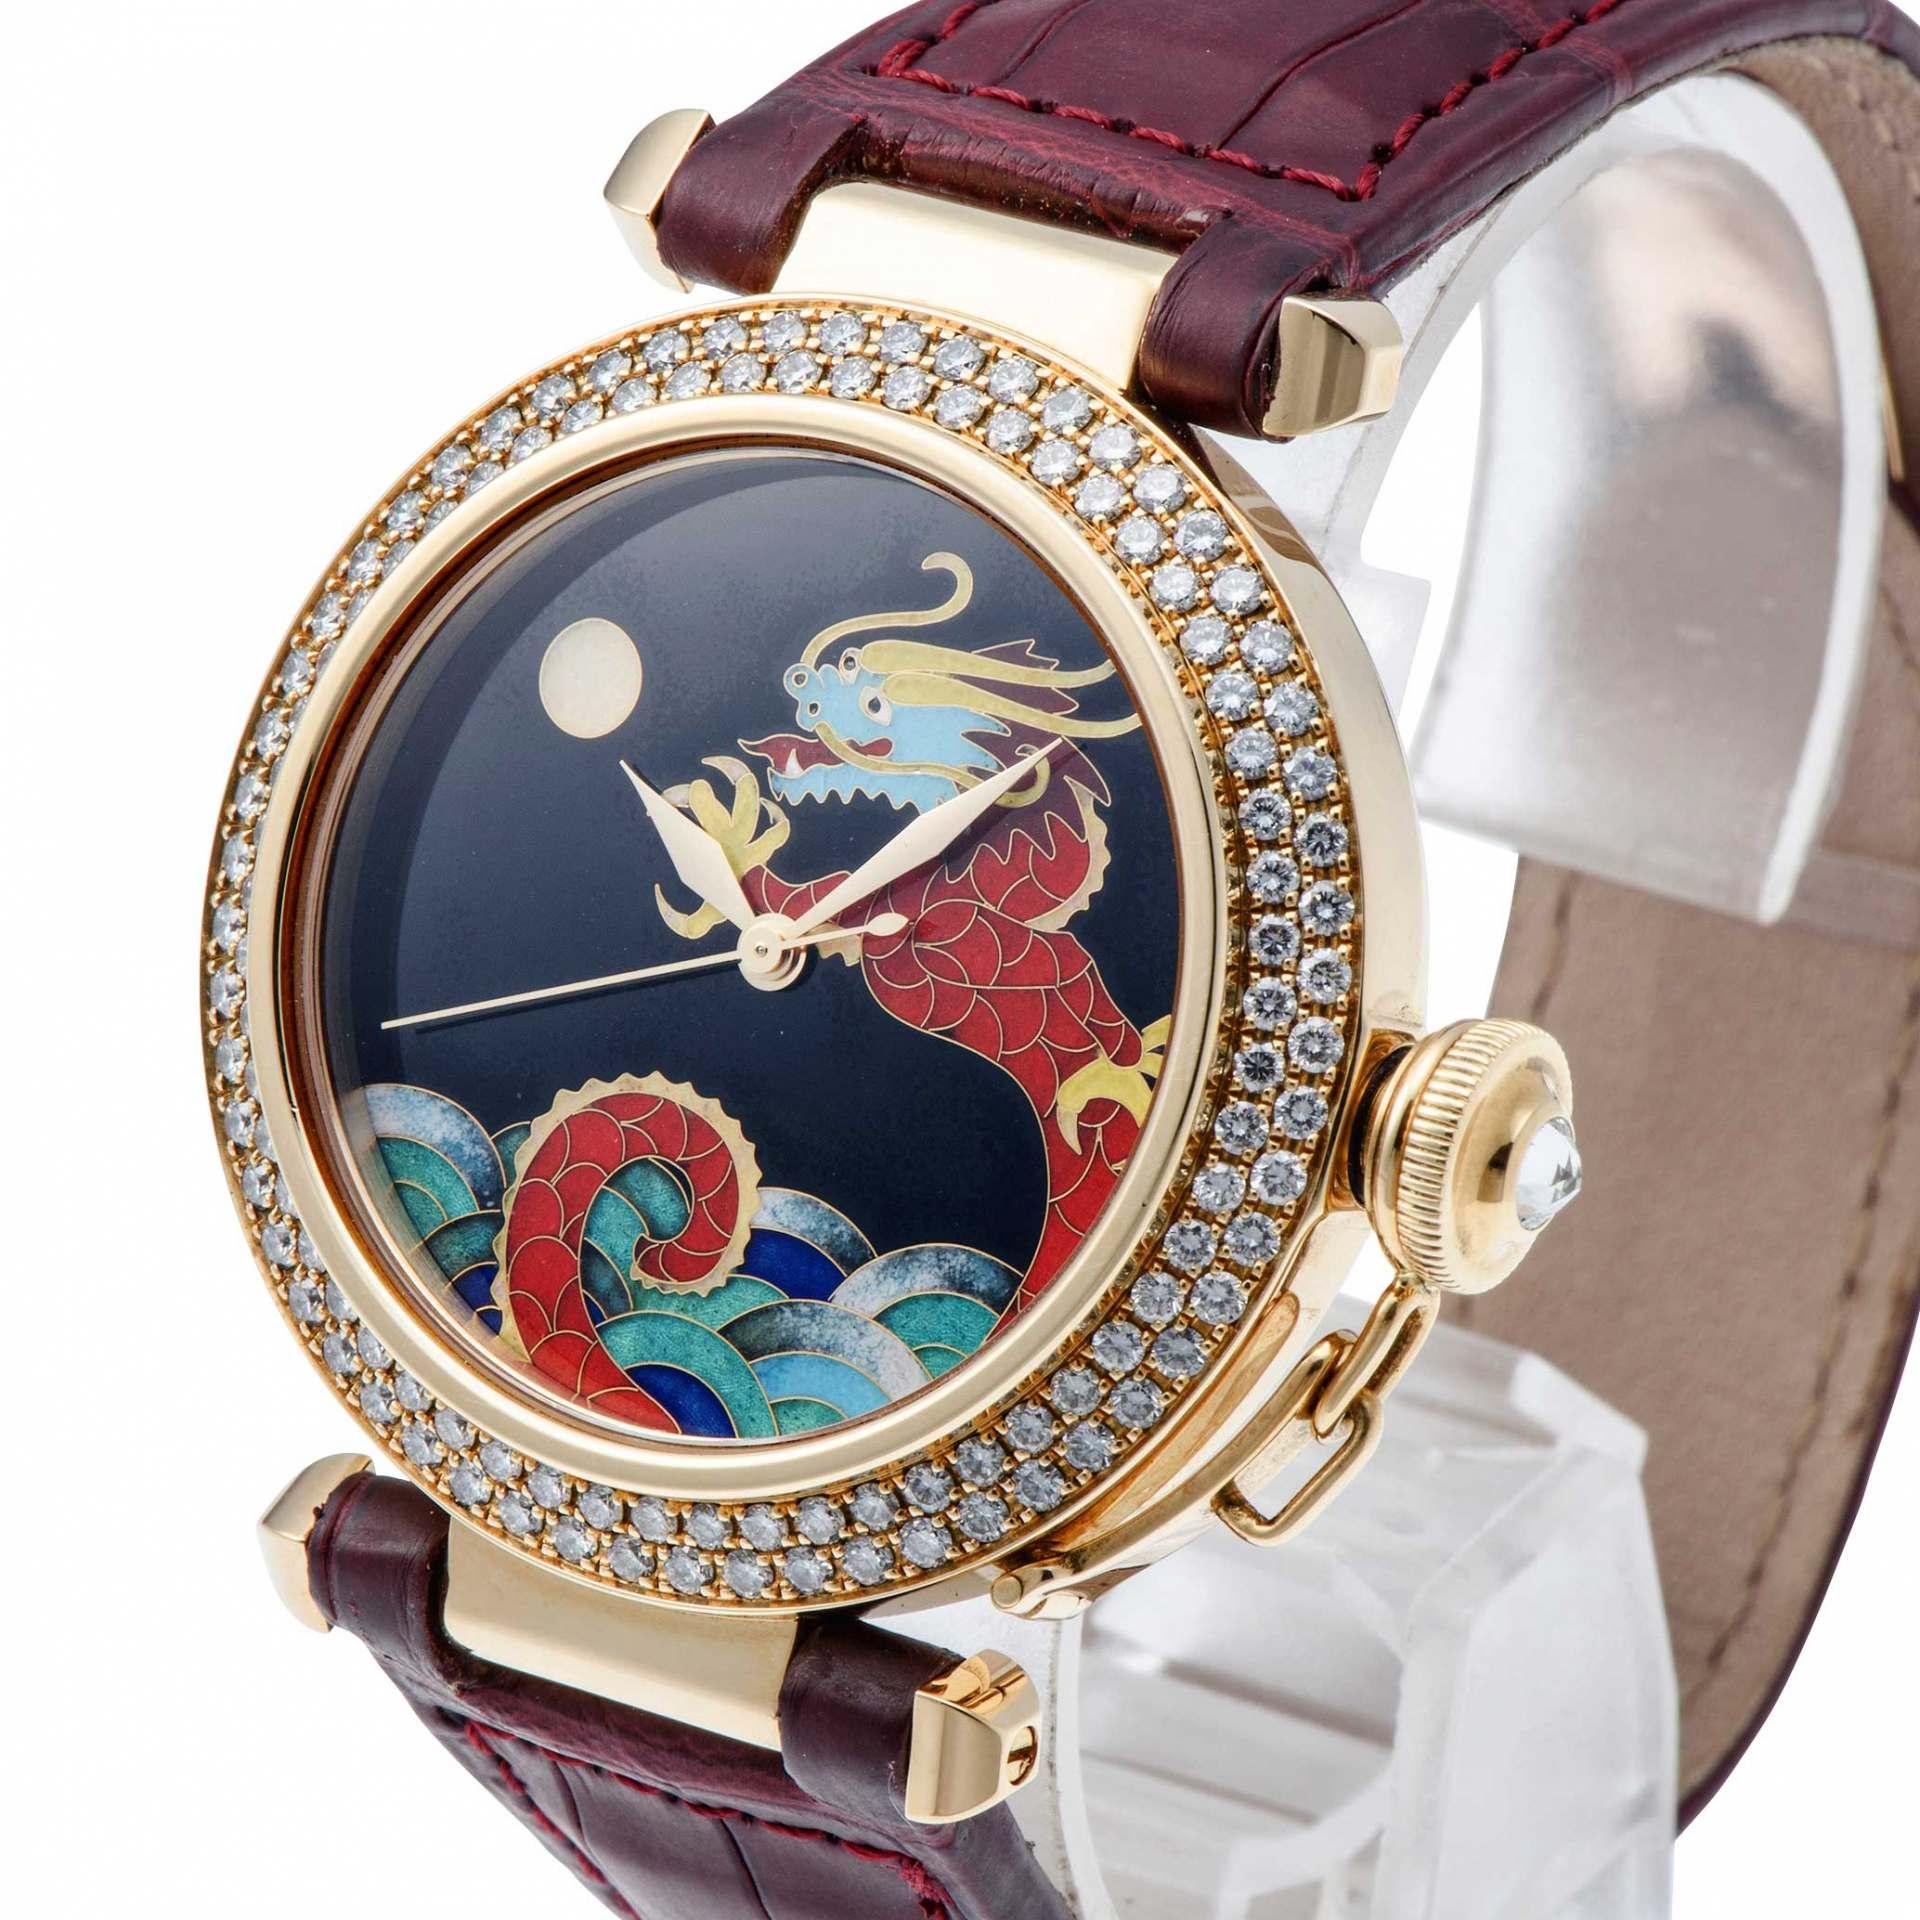 一隻繪有龍圖案的豪華手錶!